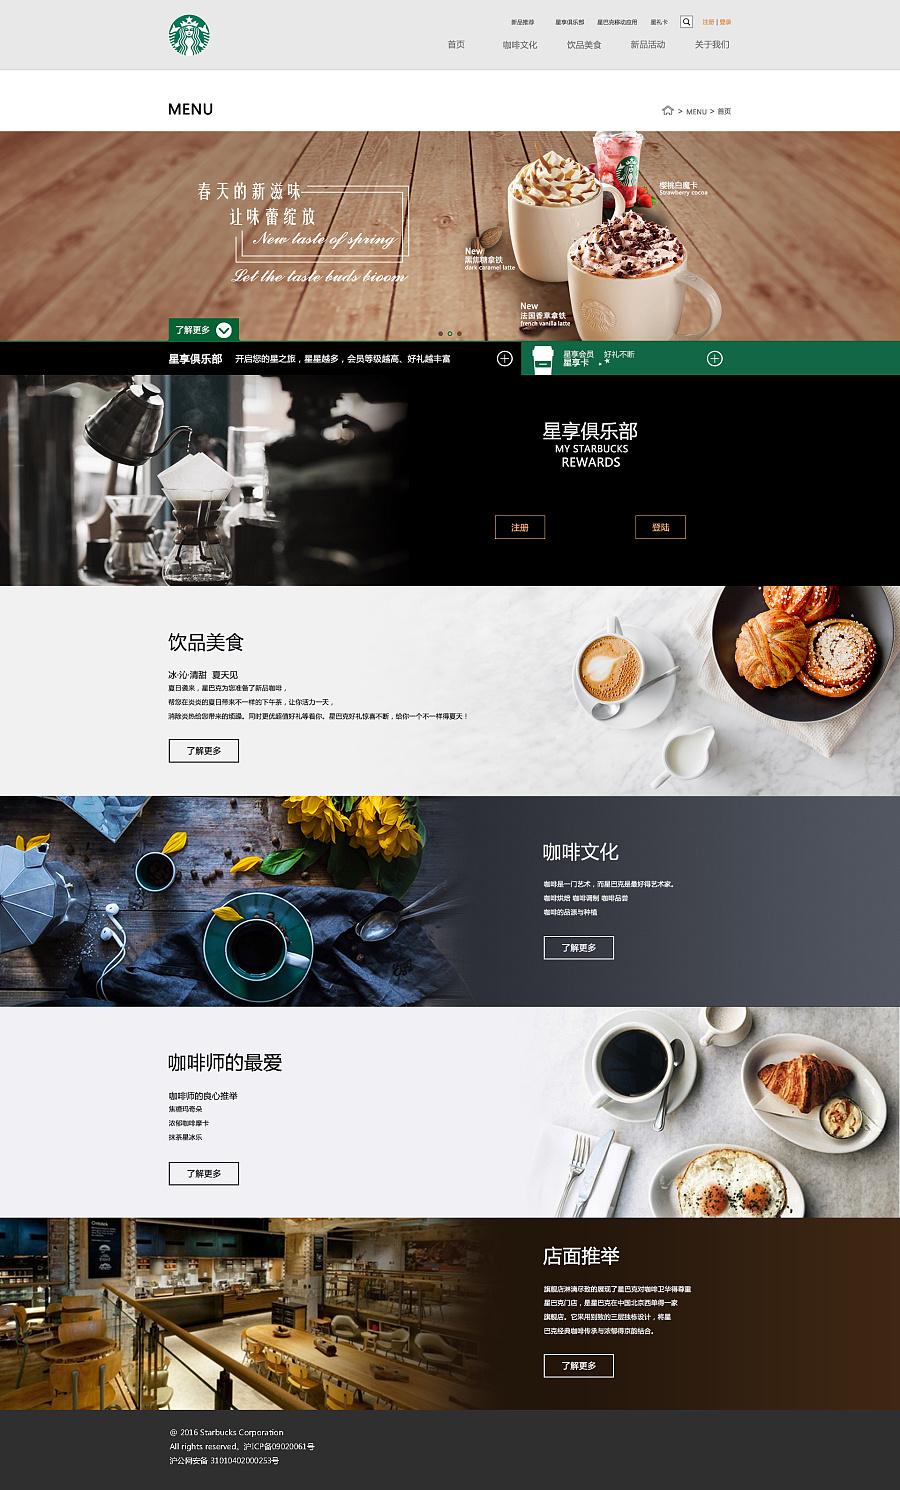 星巴克咖啡网页(韩国简约风格)|企业官网|网页图片